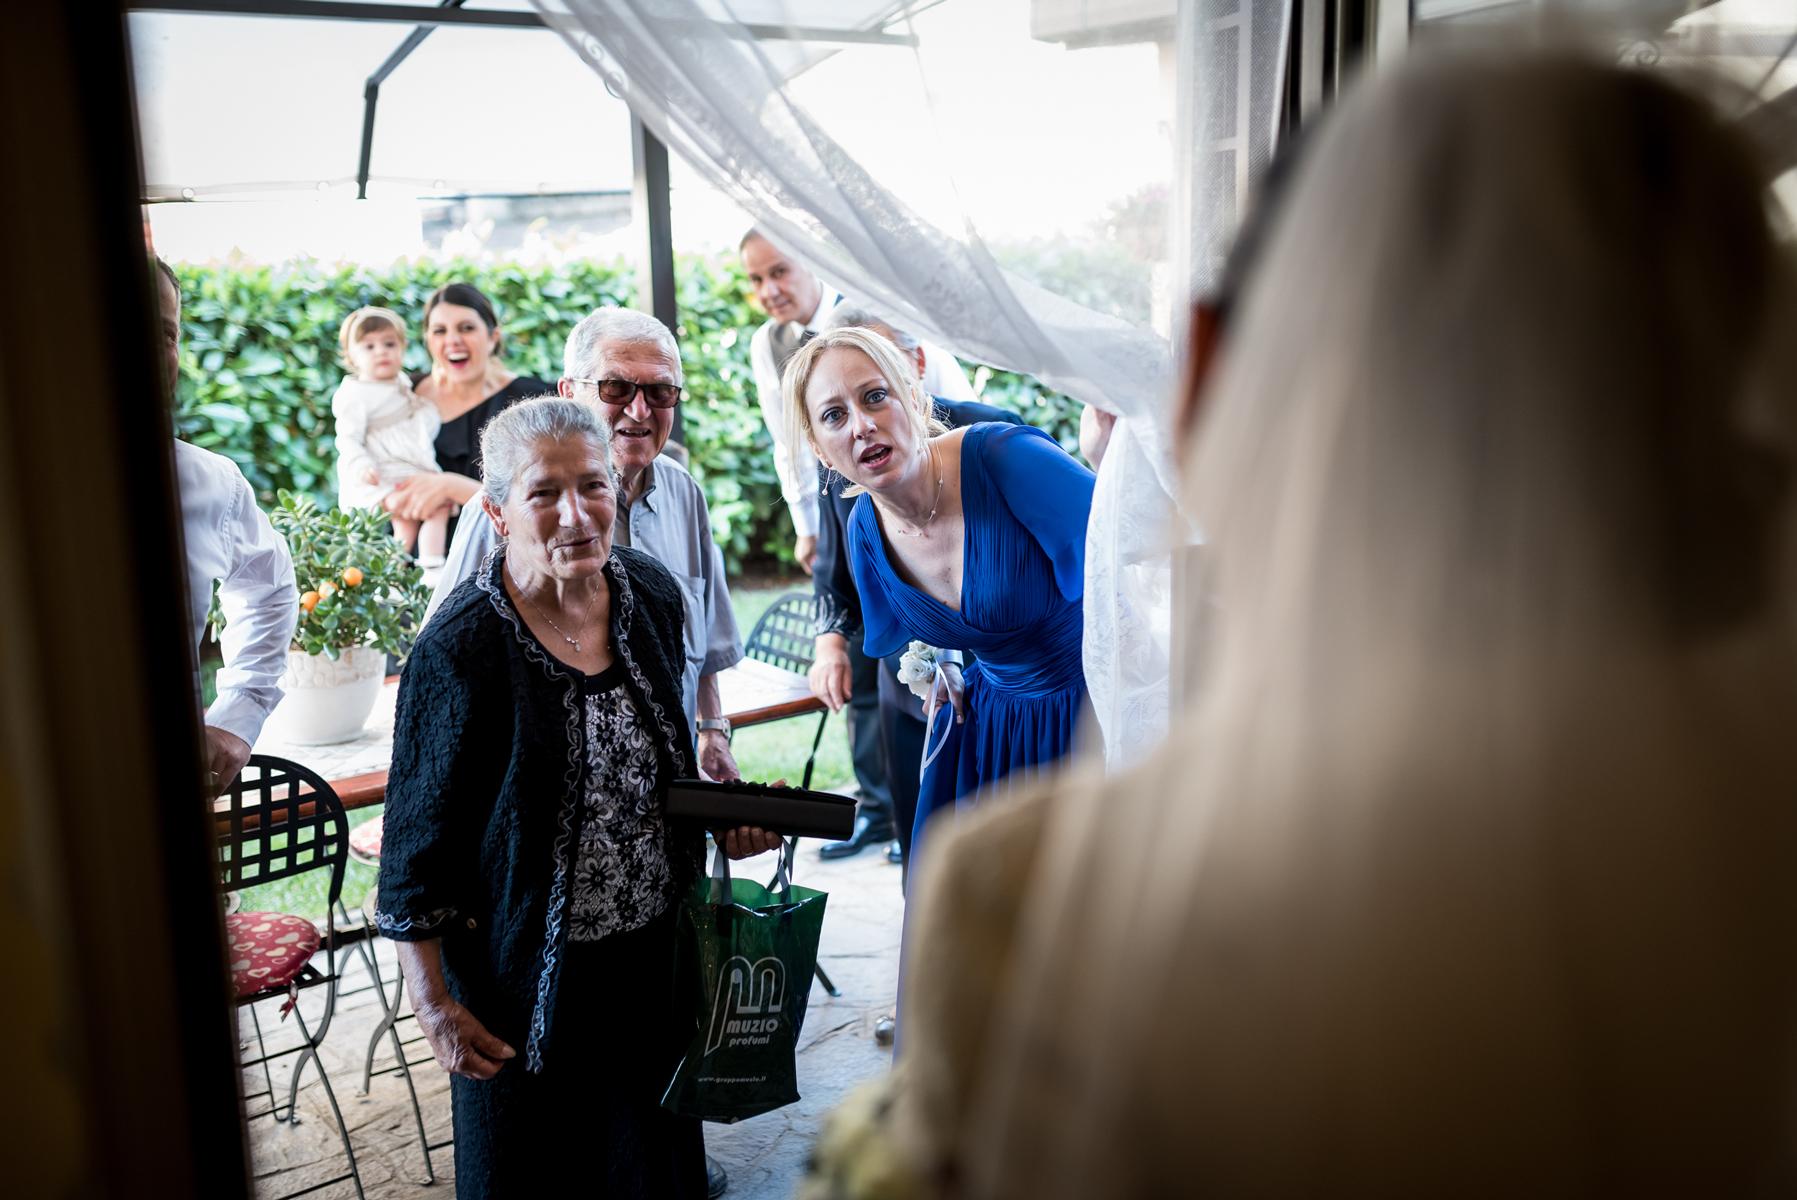 invitati-fotografo-reportage-matrimonio-roma